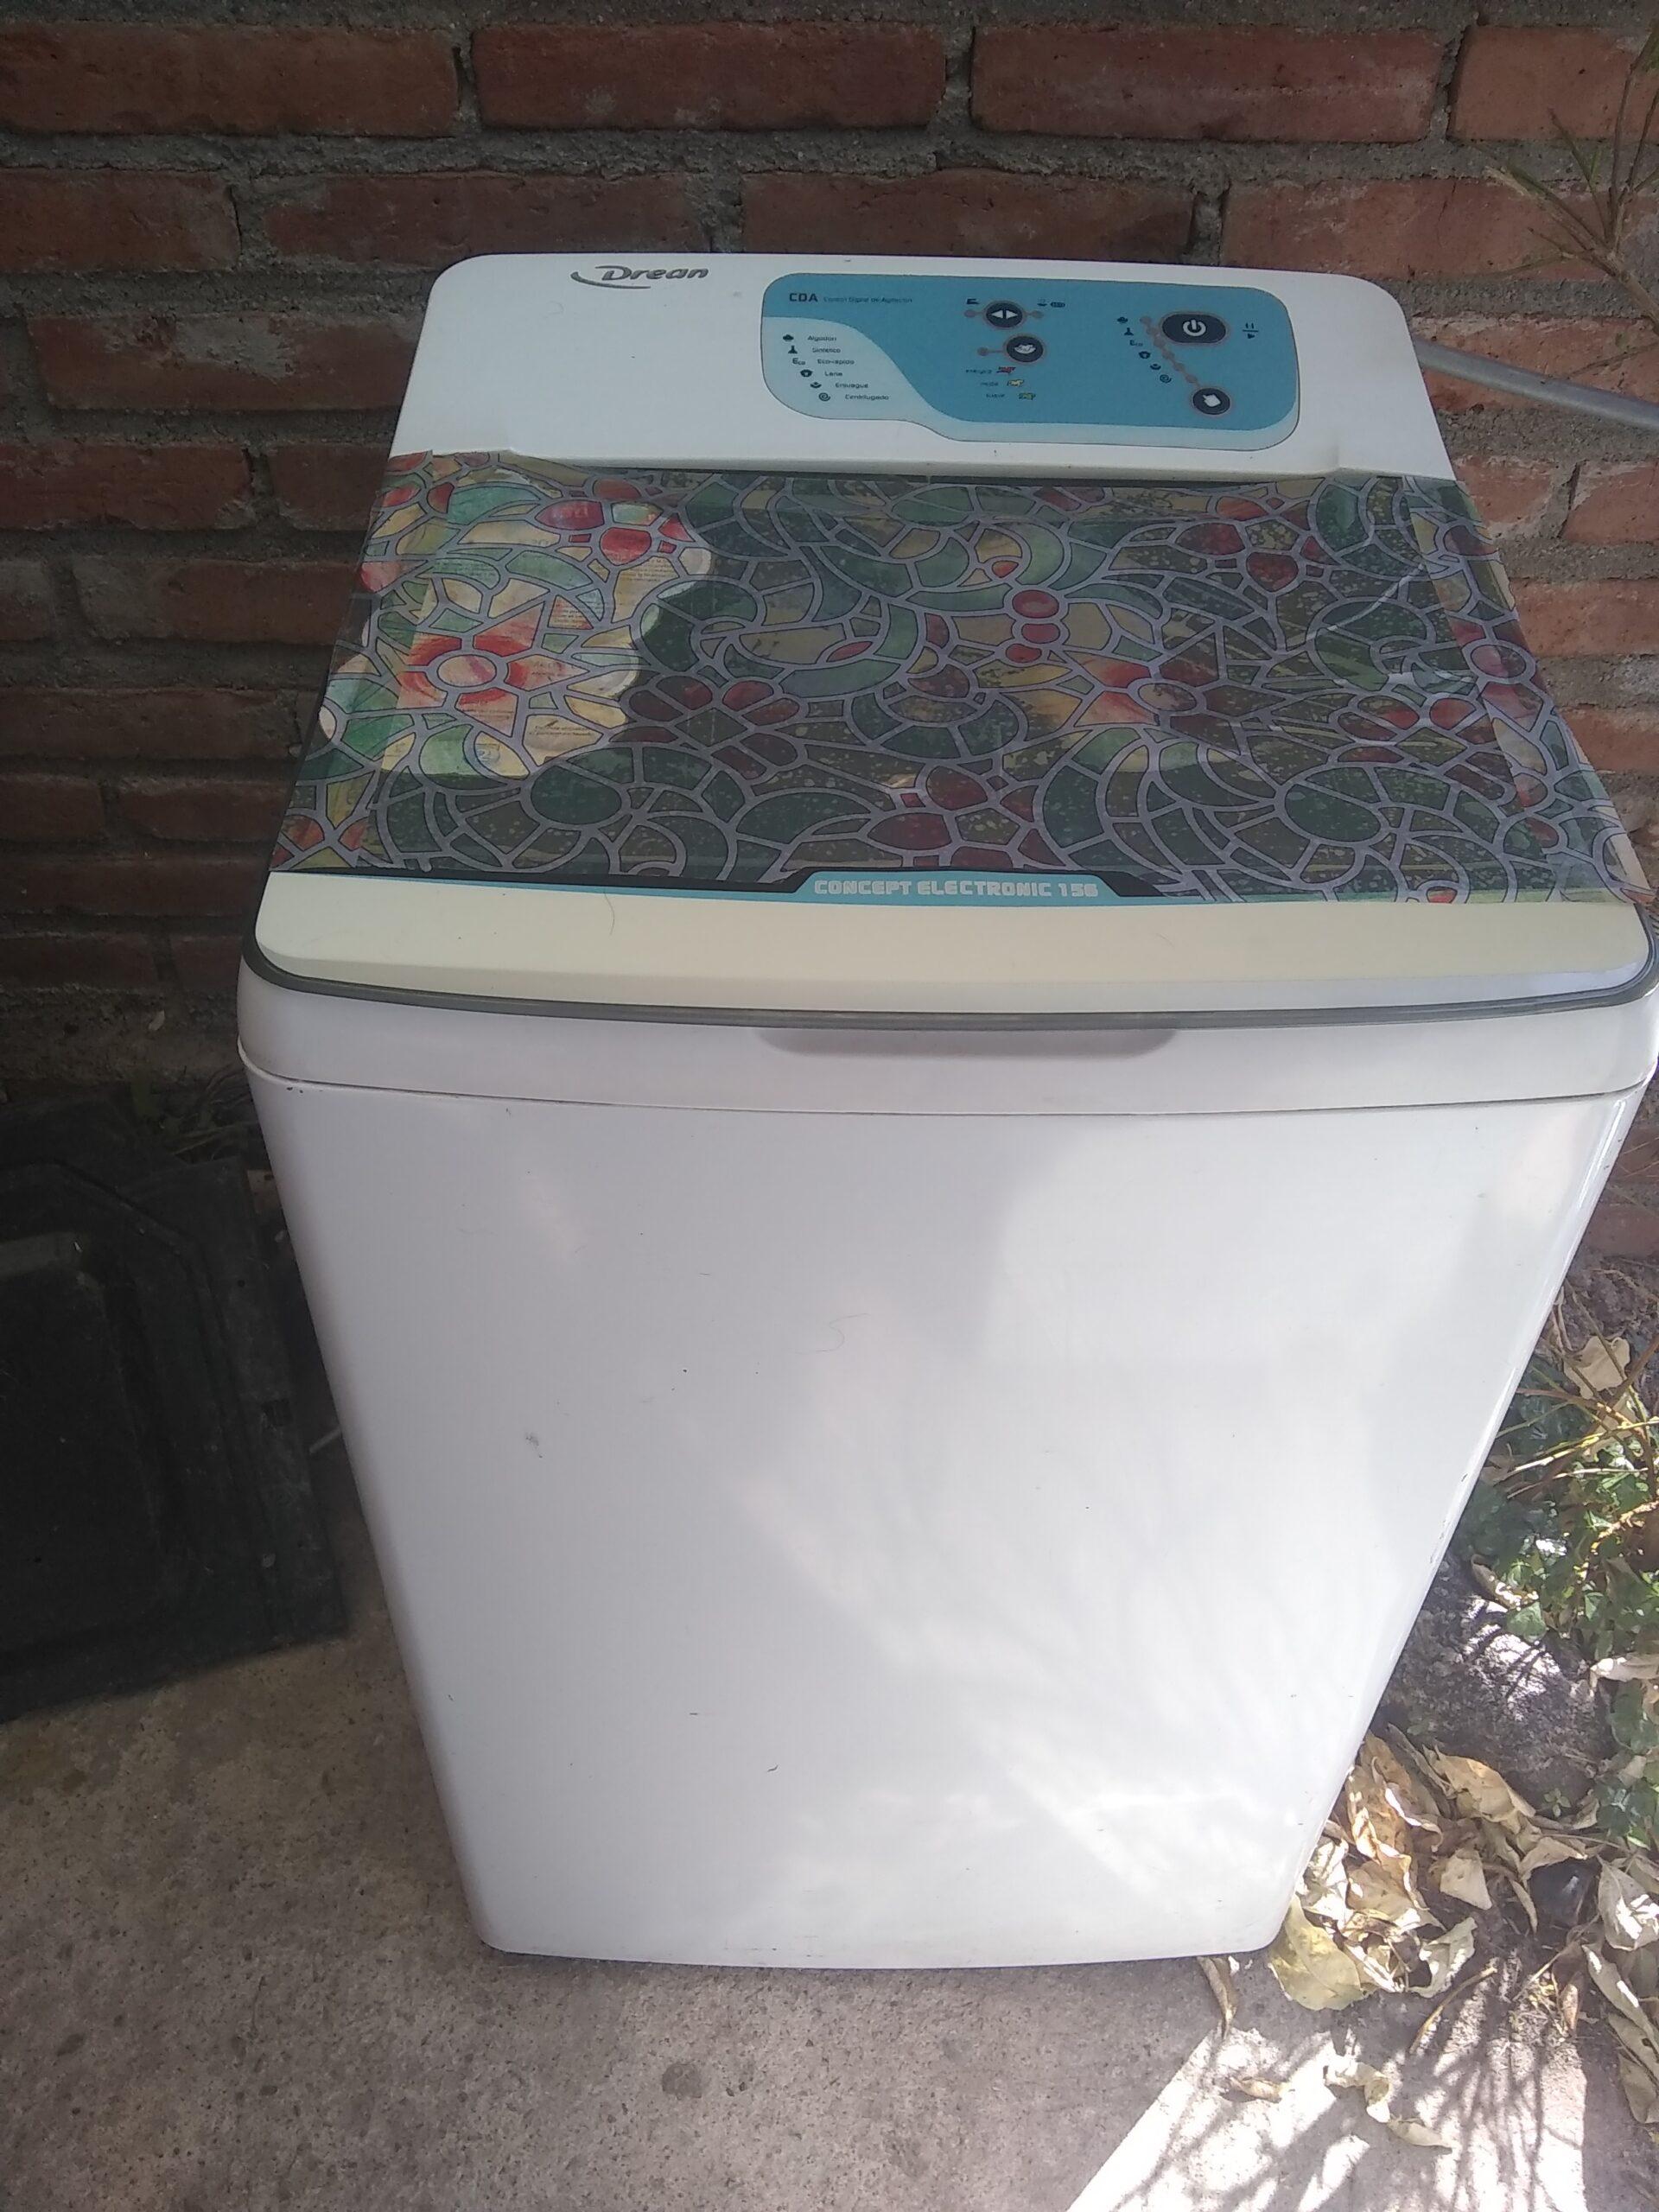 Vendo lavarropas automático Drean Electrónic 156